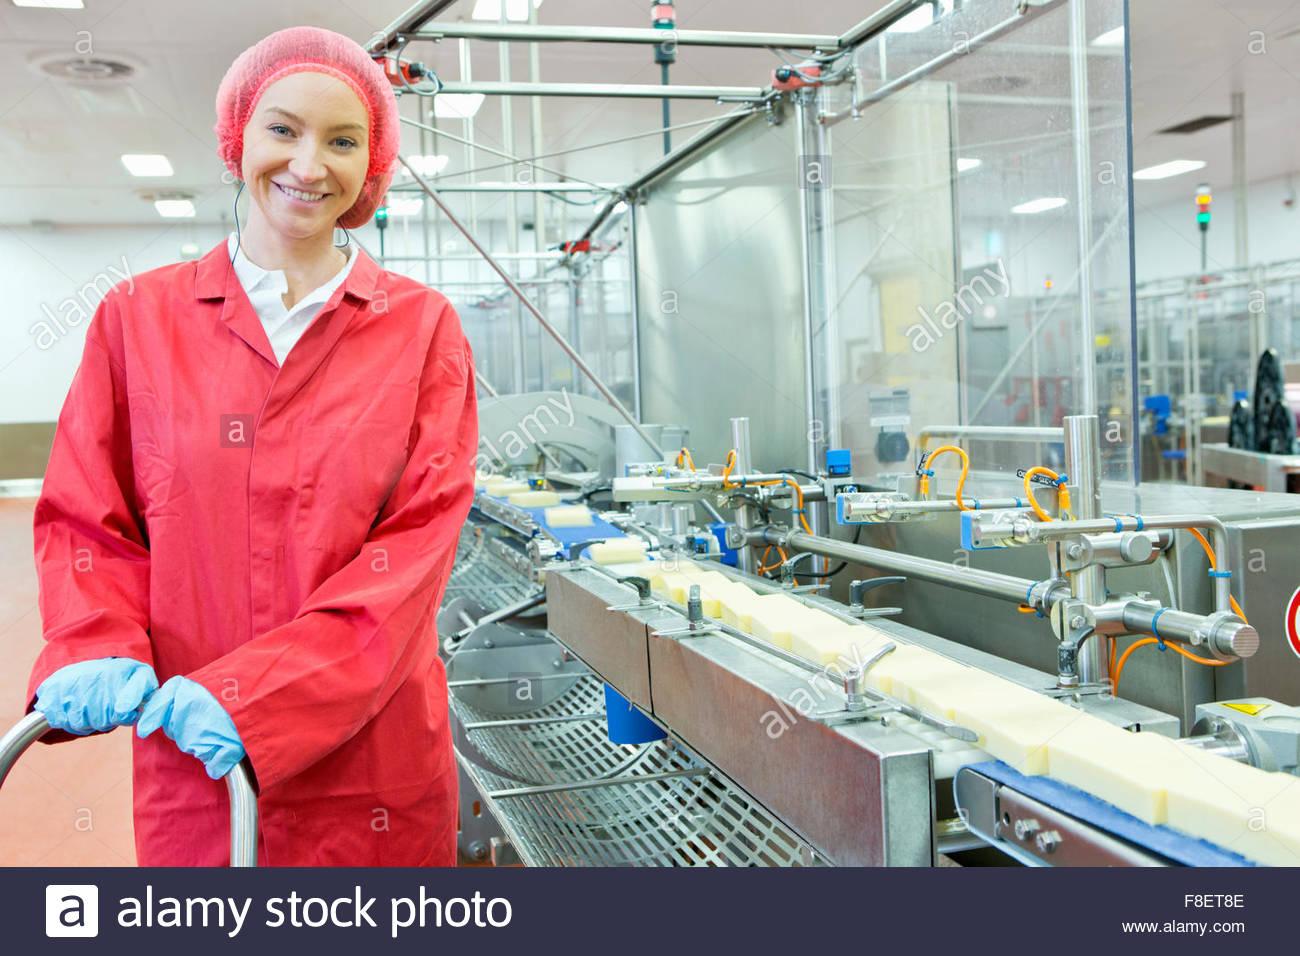 Porträt zuversichtlich Arbeiter am Fließband in Käse Verarbeitungsanlage Stockbild